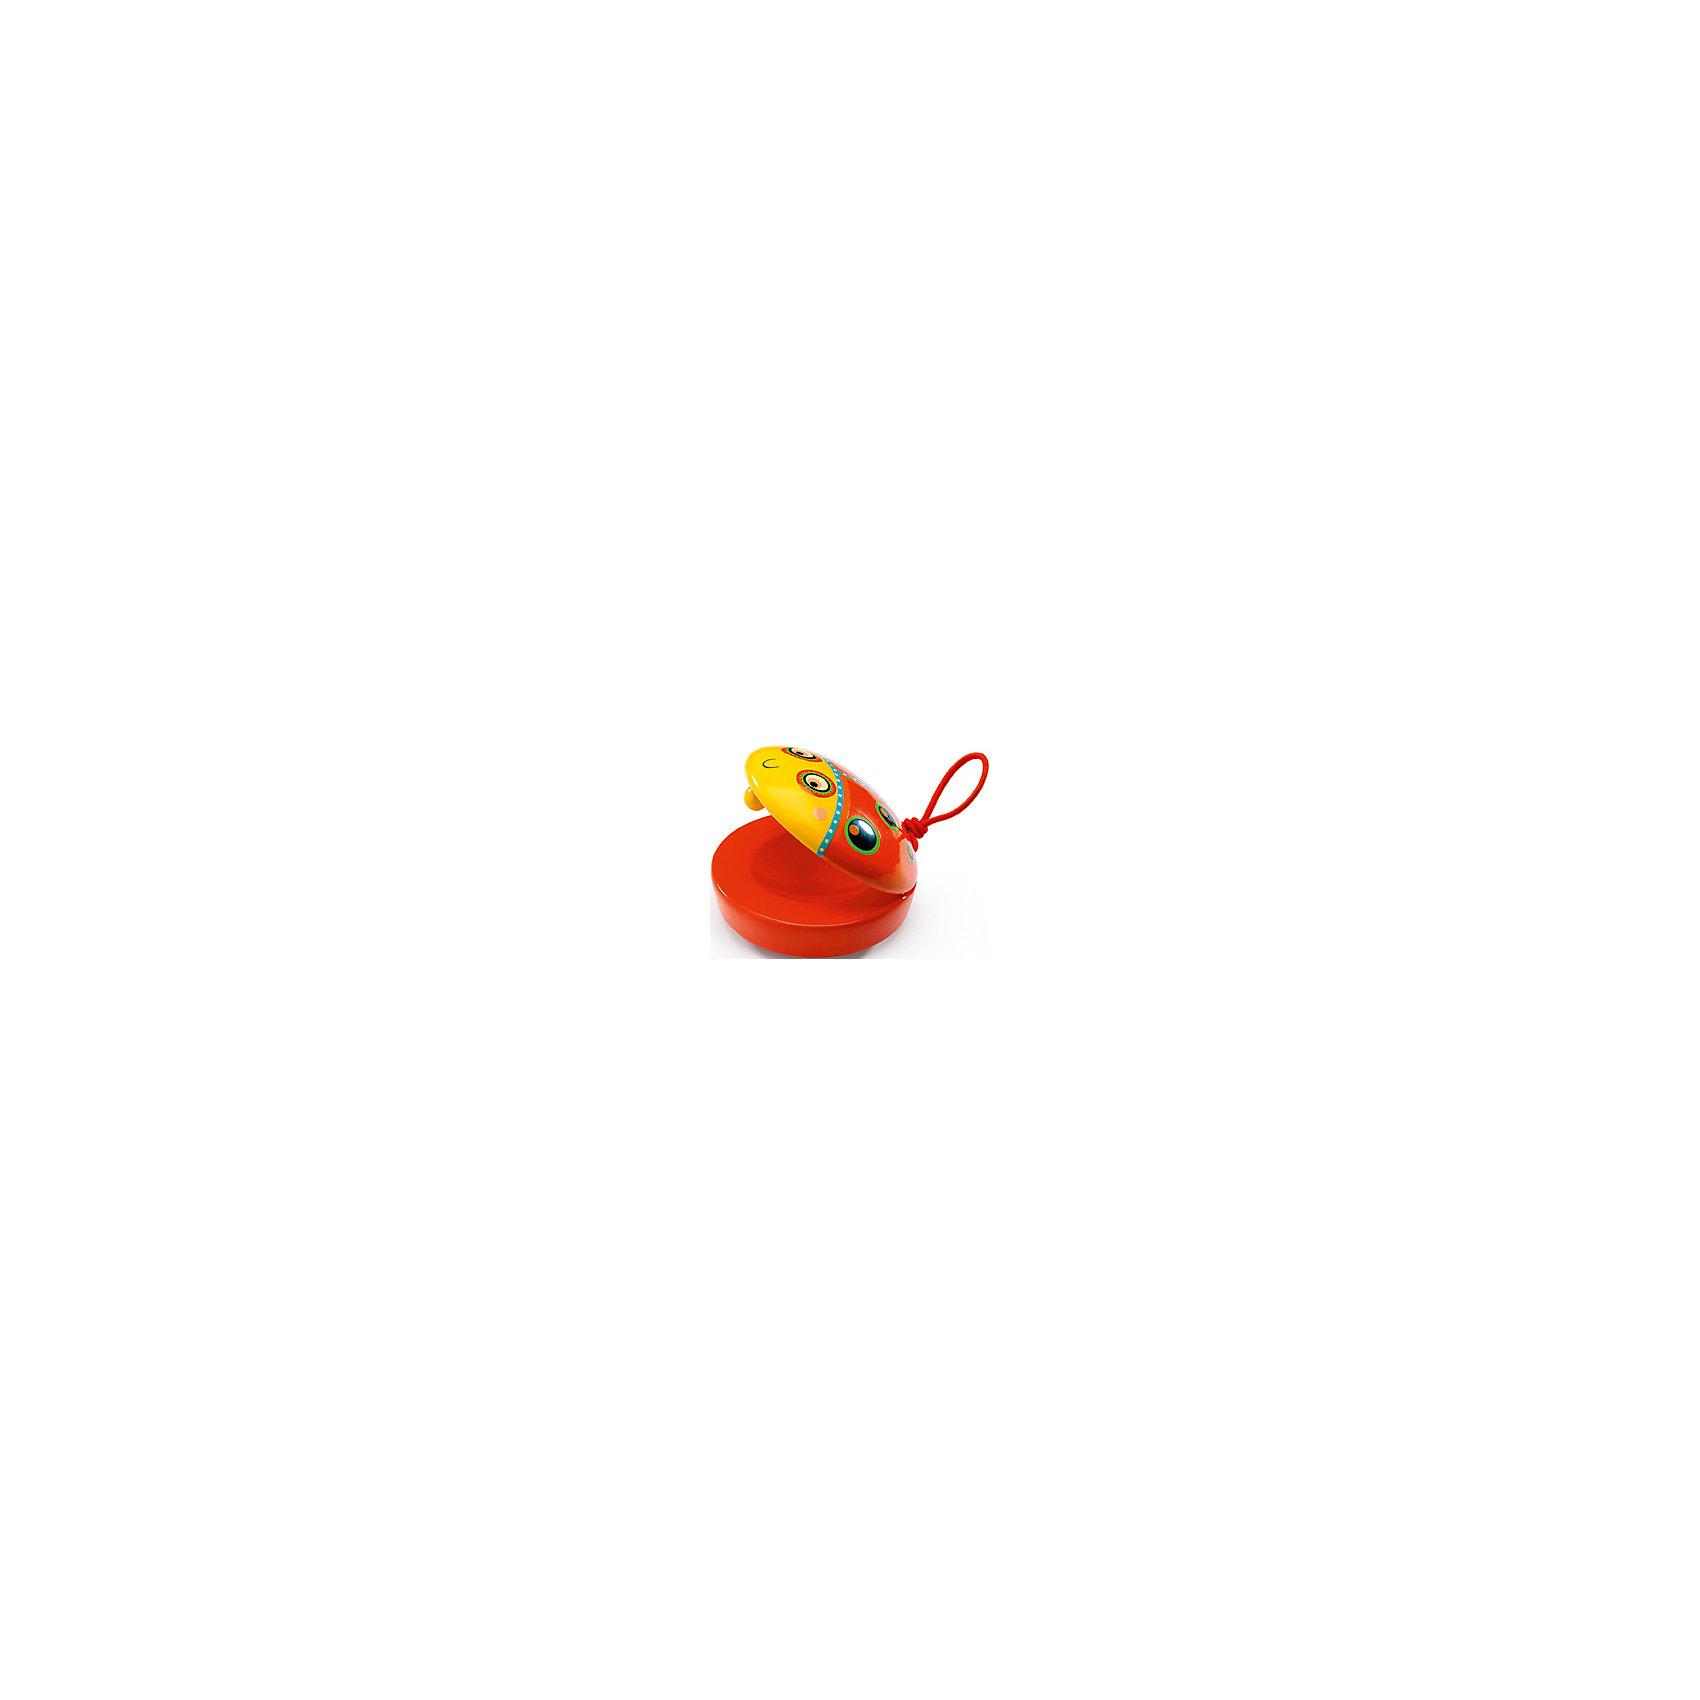 Кастаньет, DJECOДетские музыкальные инструменты<br>Красочный и симпатичный кастаньет в виде рыбки из новой коллекции музыкальных инструментов Djeco станет прекрасным дополнением к музыкальной коллекции вашего малыша и отличным подарком для юных меломанов. <br><br>Яркая рыбка-кастаньет легко помещается в маленькой детской ручке и издает приятный хлопающий звук. <br><br>Кастаньет сделан из высококачественного дерева, покрыт безопасными нетоксичными красками. <br>Продается в яркой подарочной упаковке.<br><br>Ширина мм: 60<br>Глубина мм: 60<br>Высота мм: 30<br>Вес г: 70<br>Возраст от месяцев: 36<br>Возраст до месяцев: 1188<br>Пол: Унисекс<br>Возраст: Детский<br>SKU: 4761454